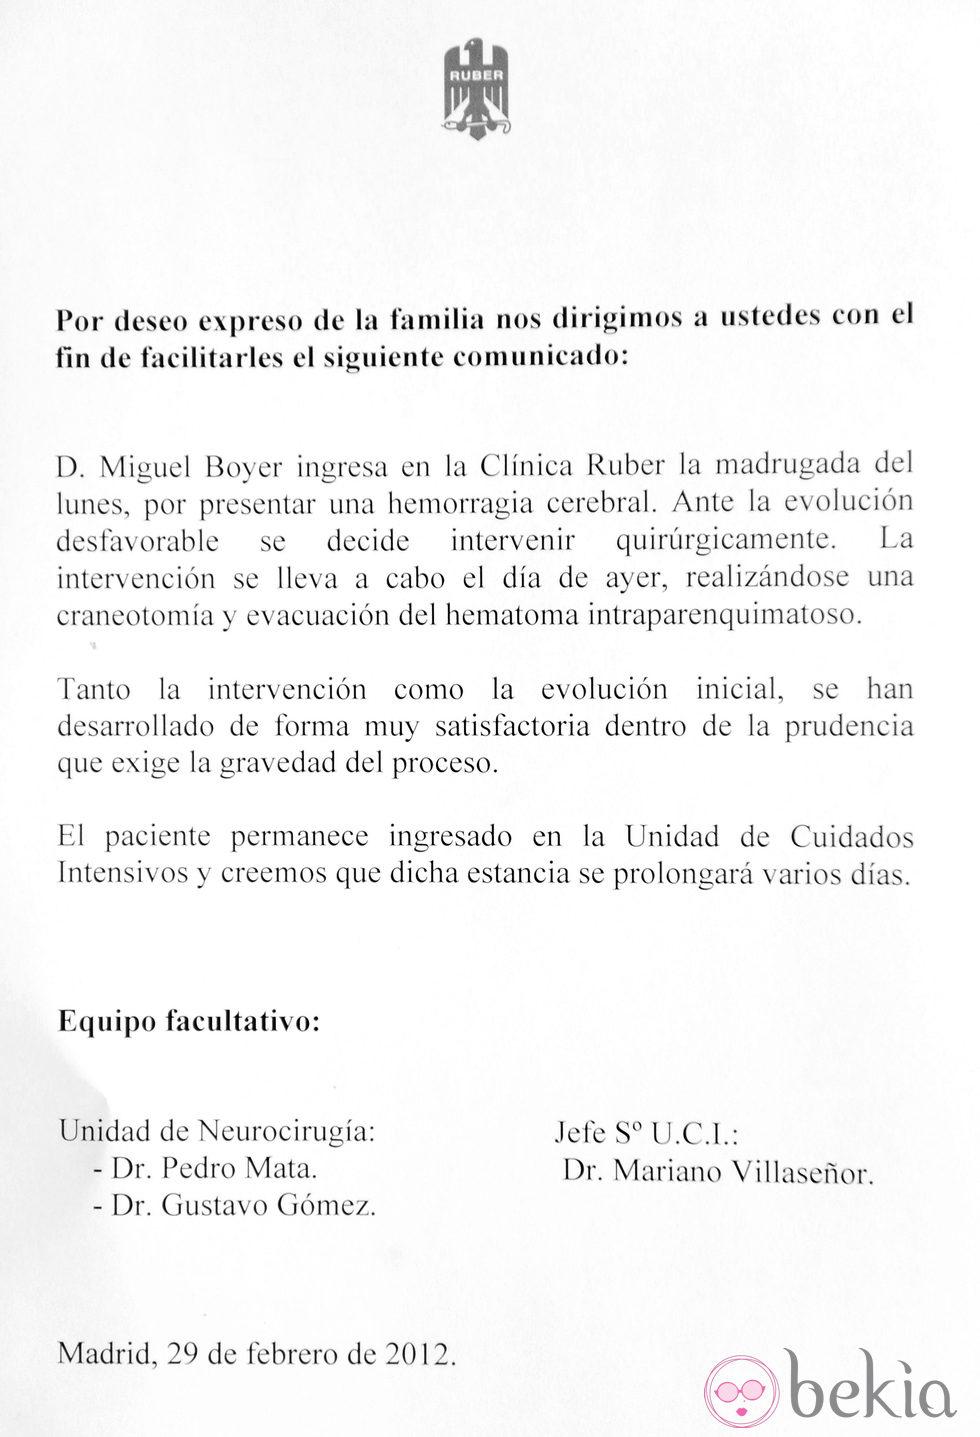 Parte M Dico Sobre El Estado De Salud De Miguel Boyer Bekia